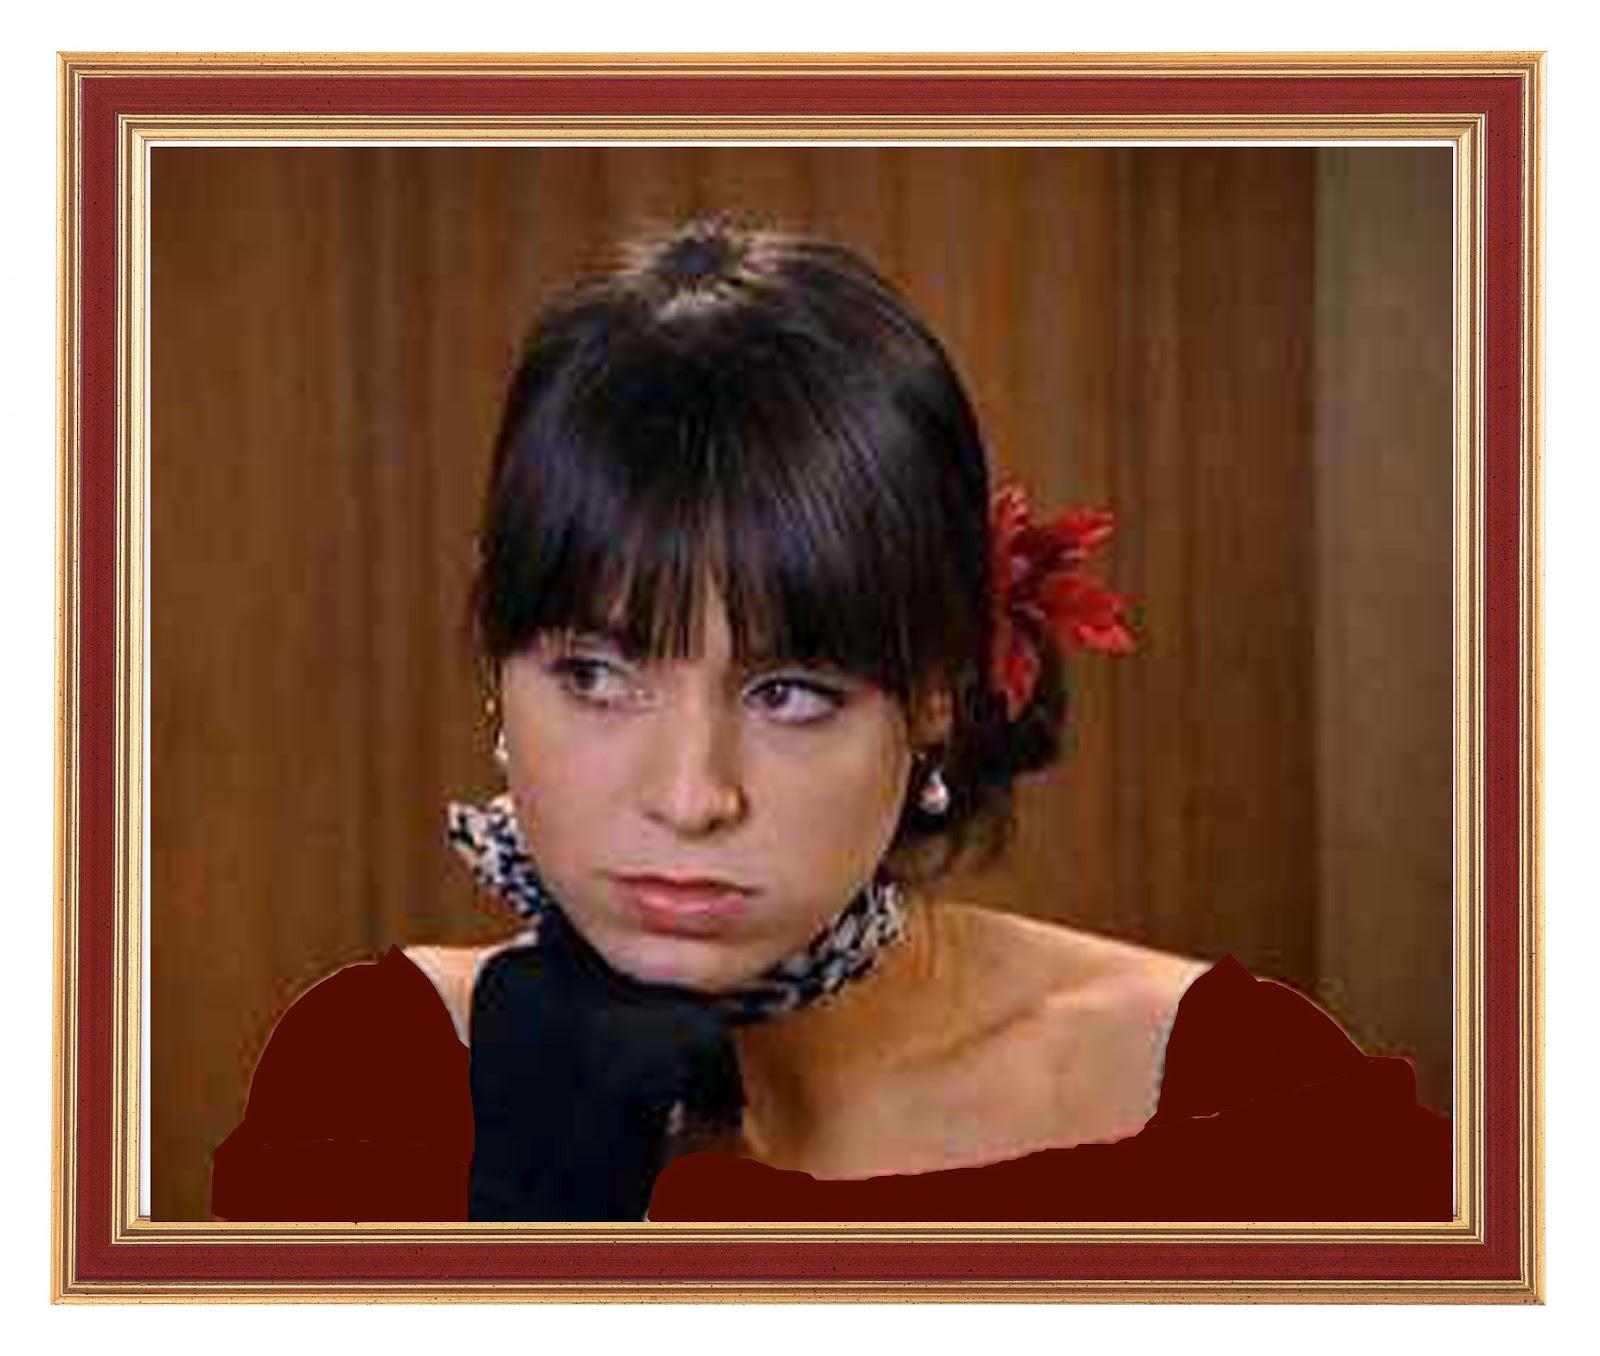 http://4.bp.blogspot.com/-s_CHnbWG5Ys/UBUb6utC90I/AAAAAAAAKK8/mu348x-AO_s/s1600/Maria+framed.jpg